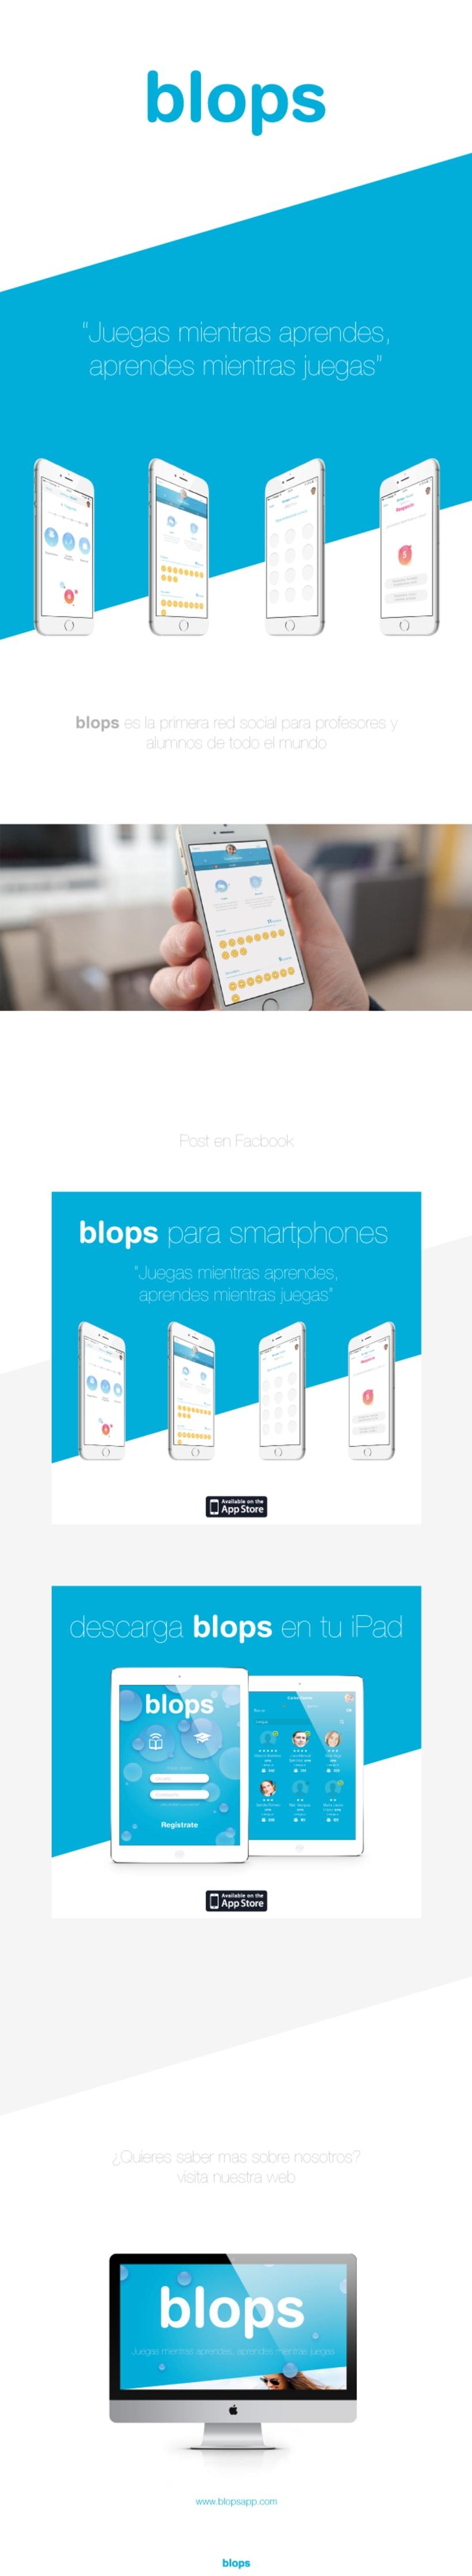 blops -1